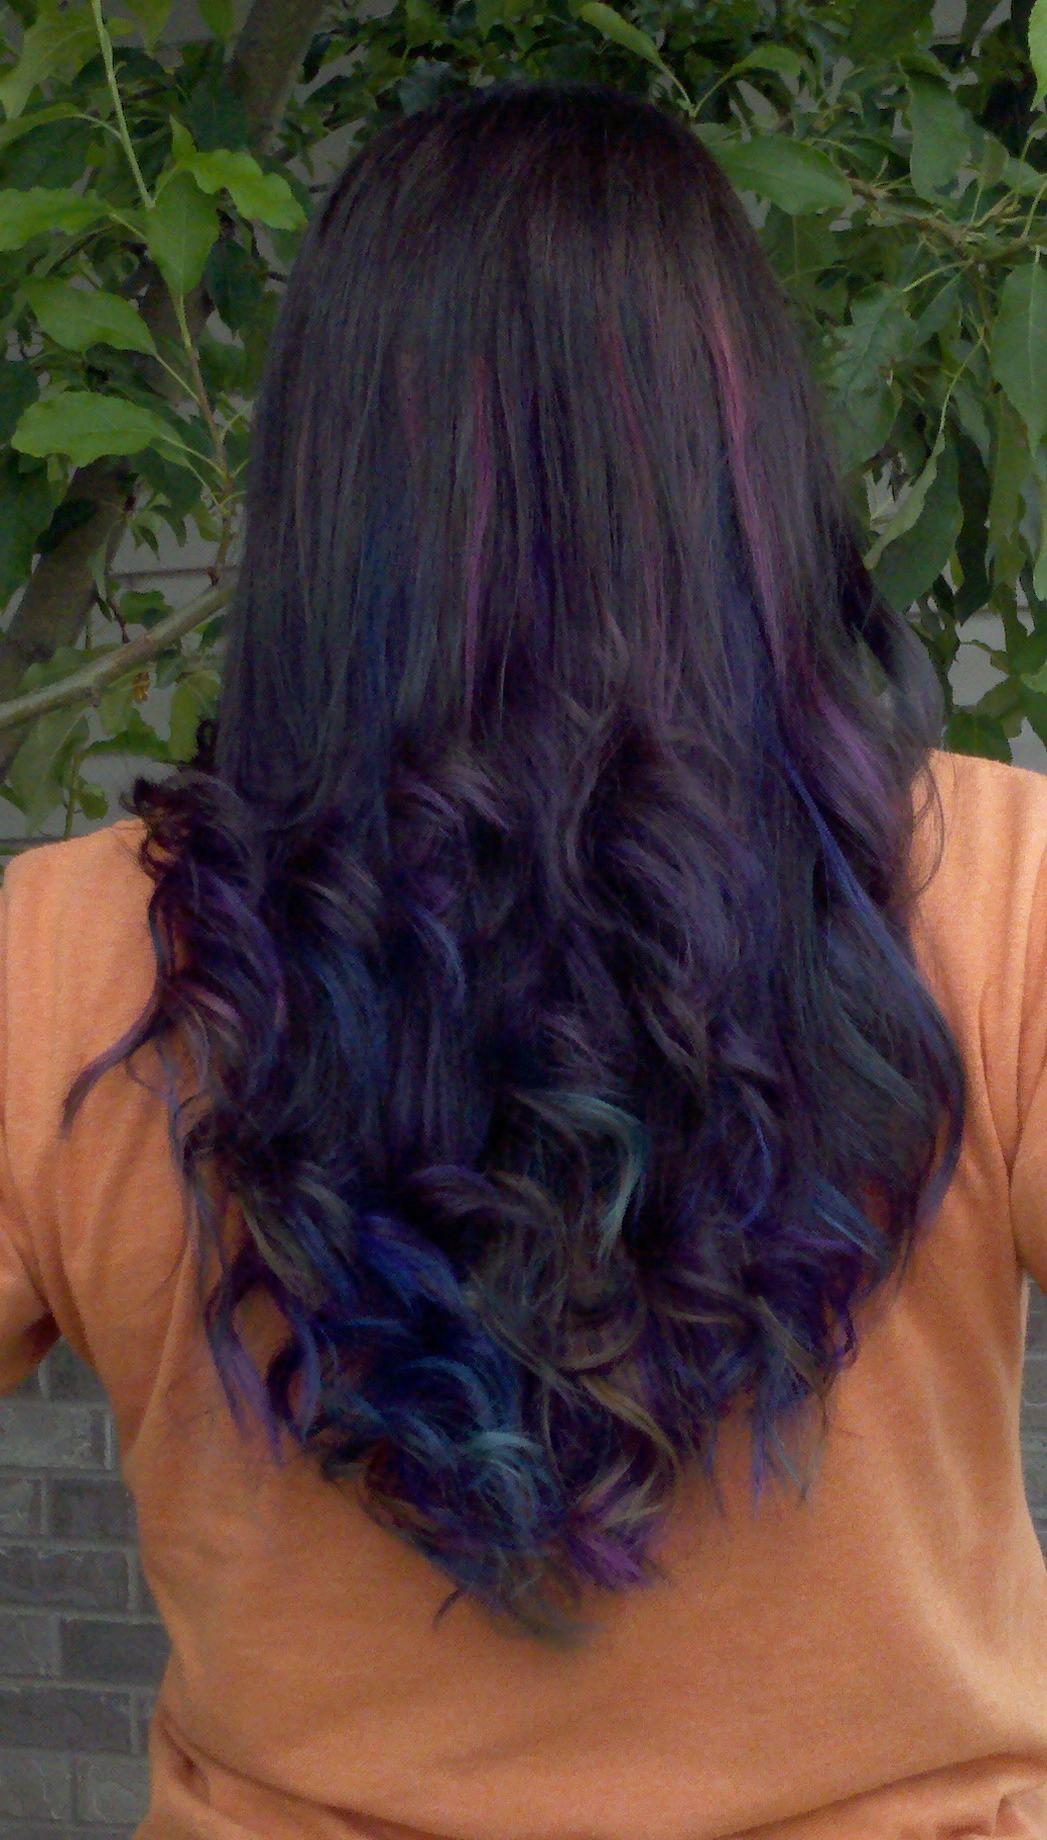 Hair Highlights Dye And I M Undecided Hair Pinterest Hair